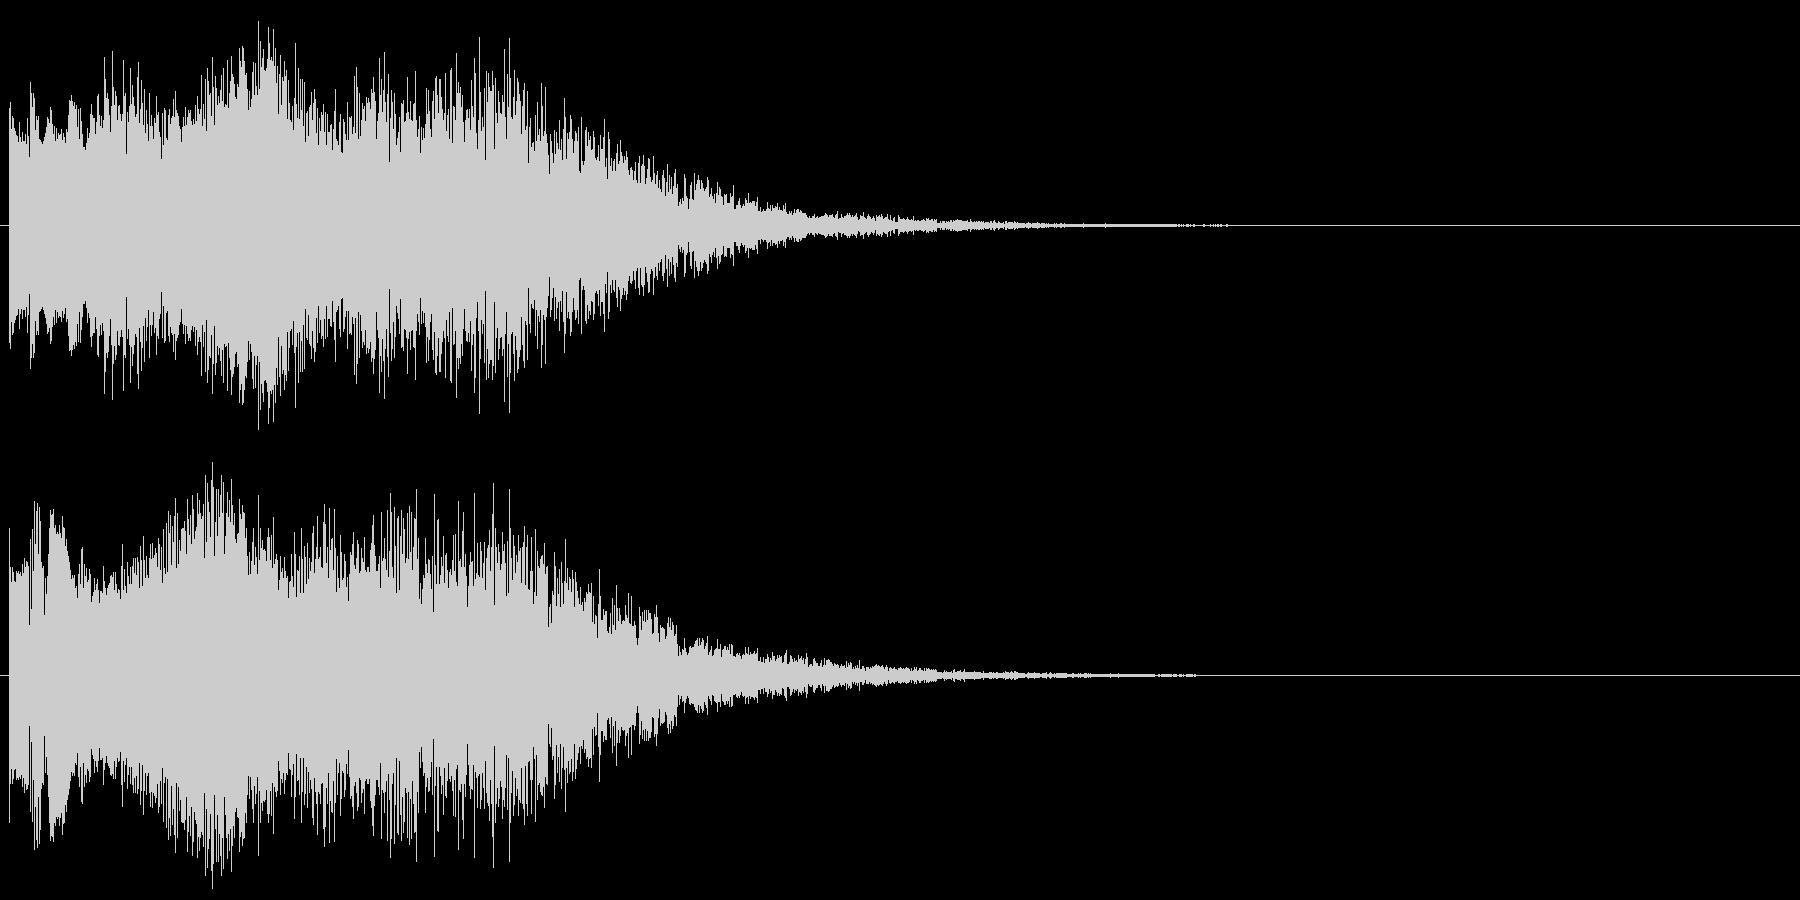 魔法音10の未再生の波形